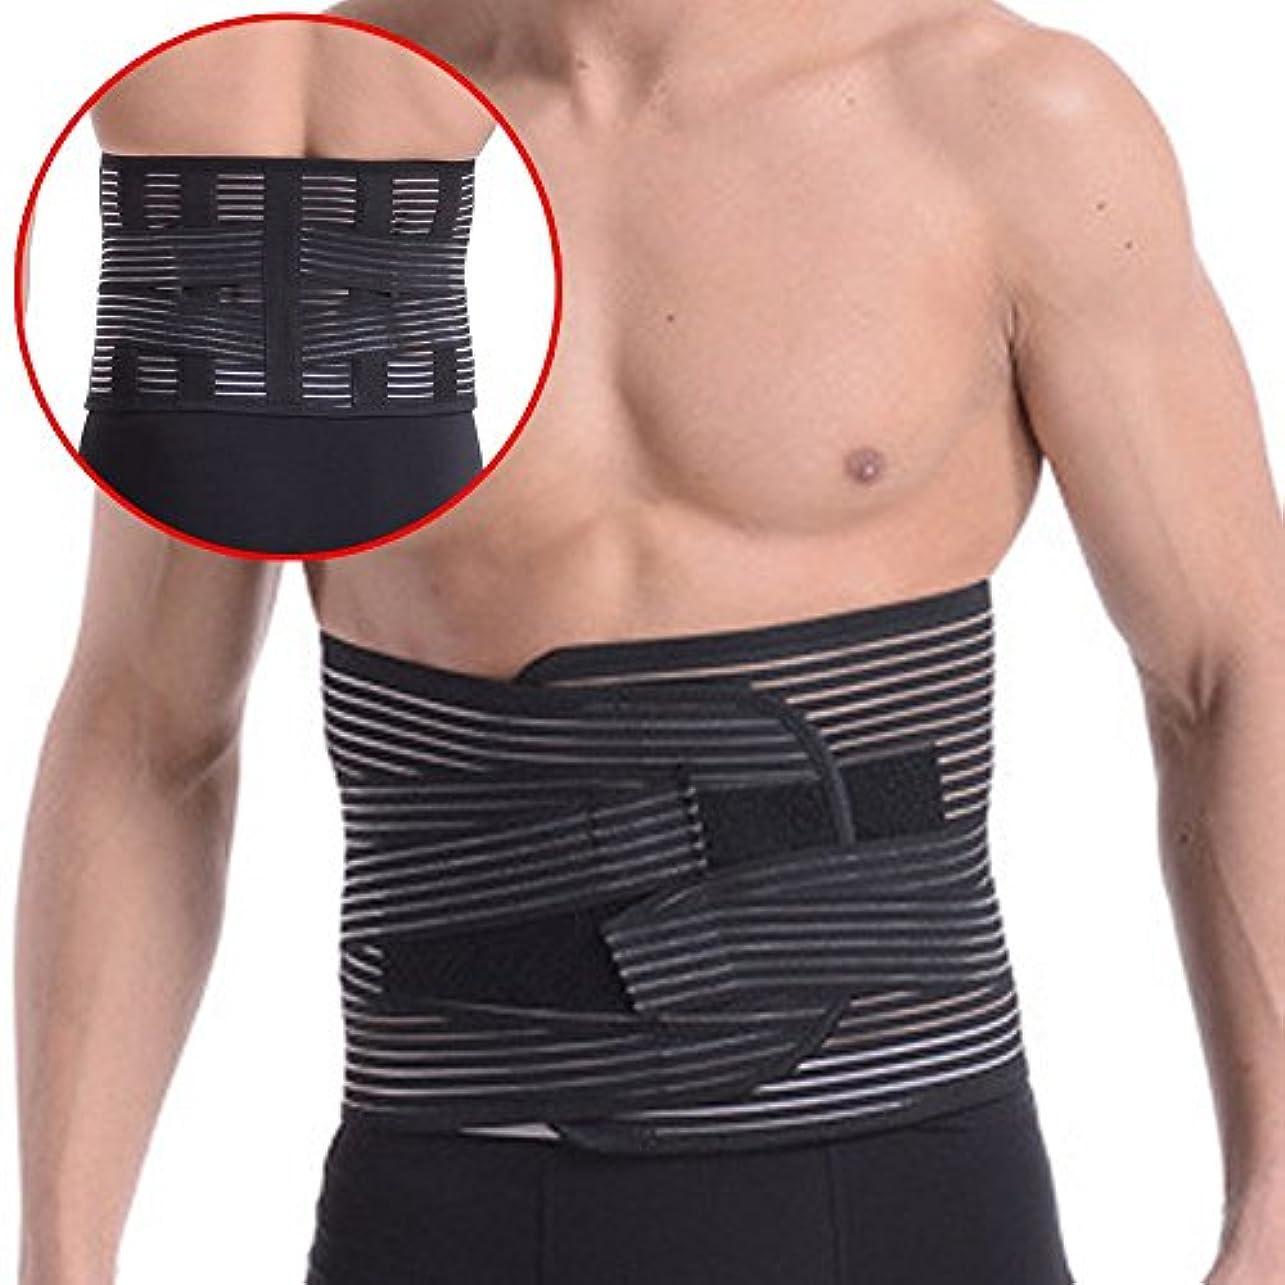 プランテーションアシスト悲しいことにOHMI 3Dボーン内蔵 腰痛 ベルト 腰用 コルセット 腰 サポーター 男性用 女性用 兼用 S~XXL フル メッシュ タイプ